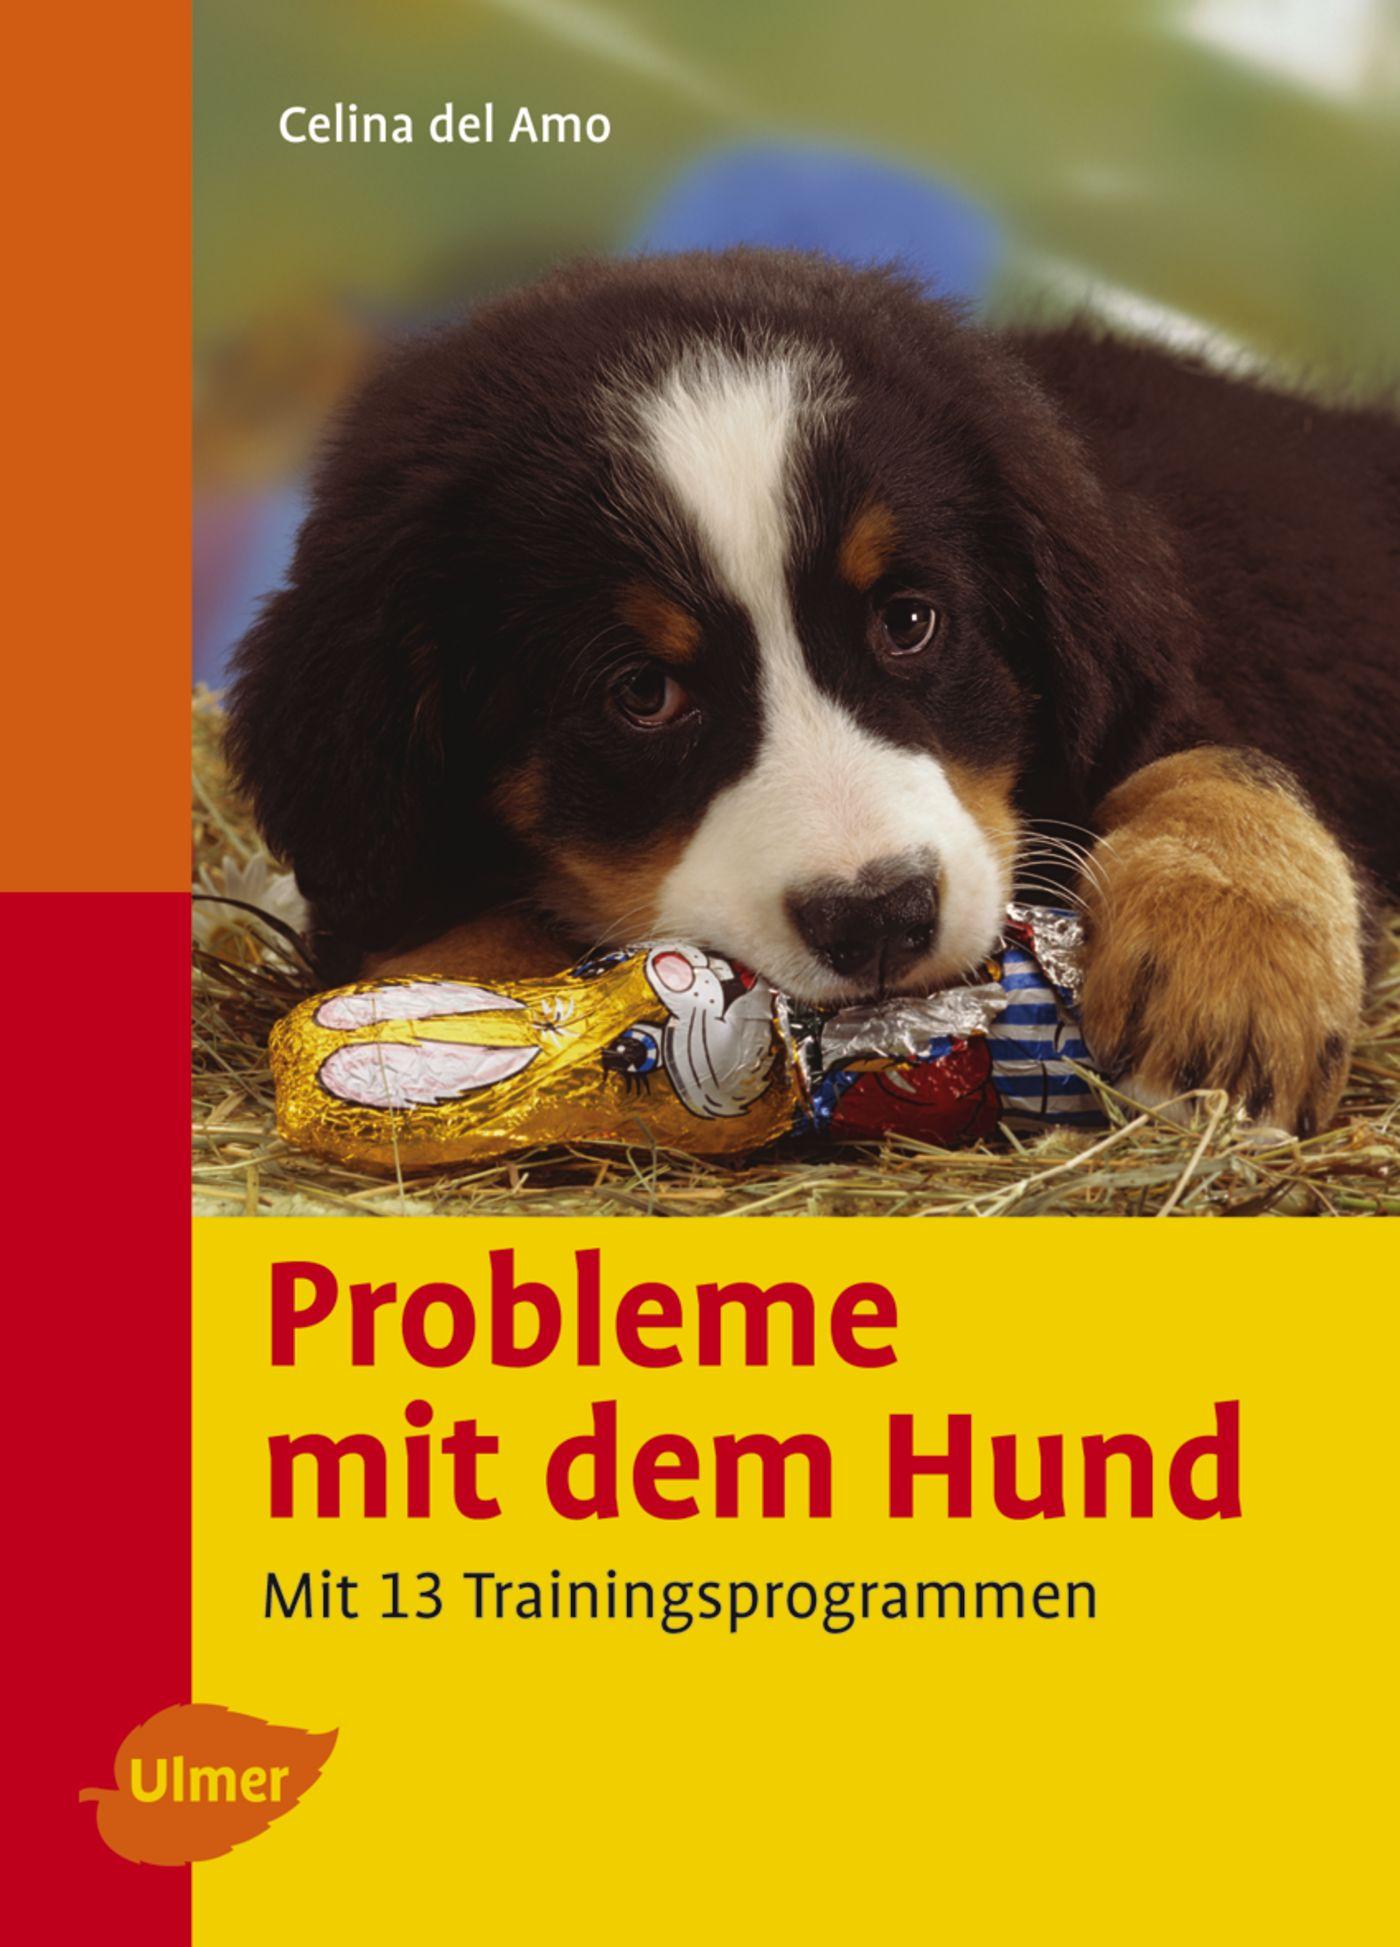 Probleme mit dem Hund verstehen und vermeiden. Mit 13 Trainingsprogrammen - Celina DelAmo